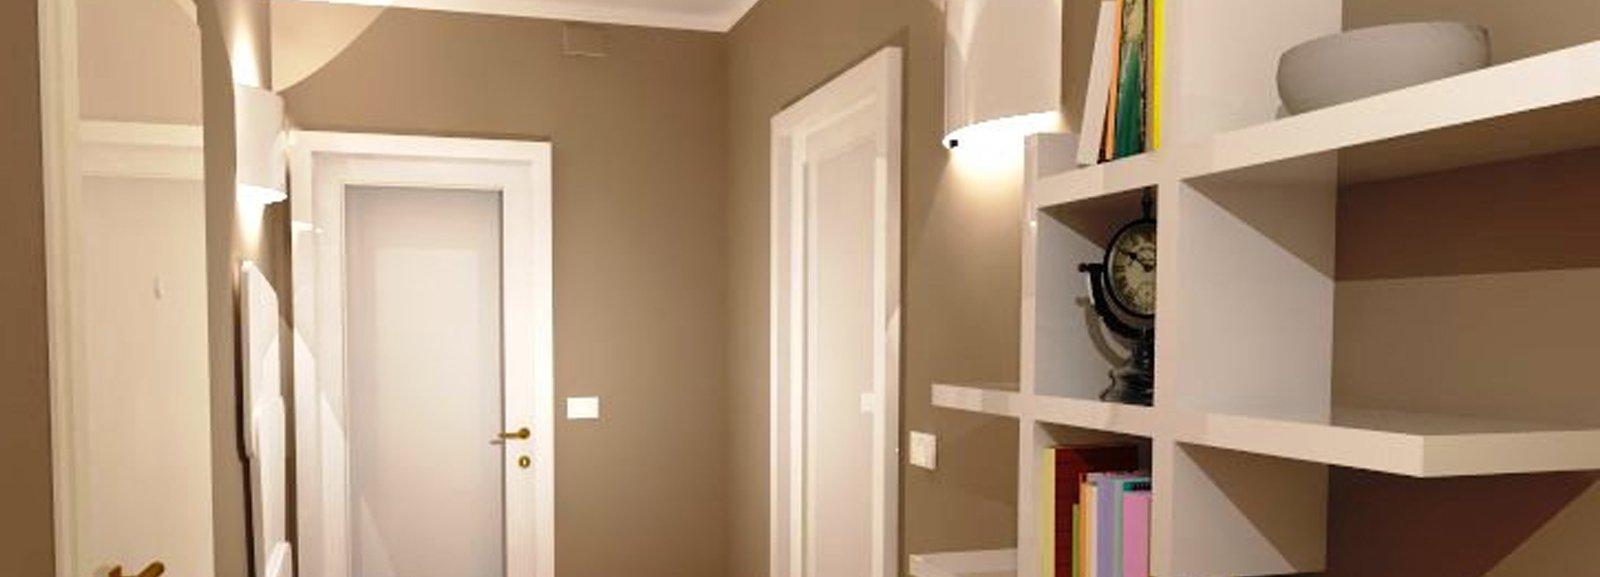 Porte Bianche Colore Pareti corridoio: quali finiture per pavimento e porte? - cose di casa